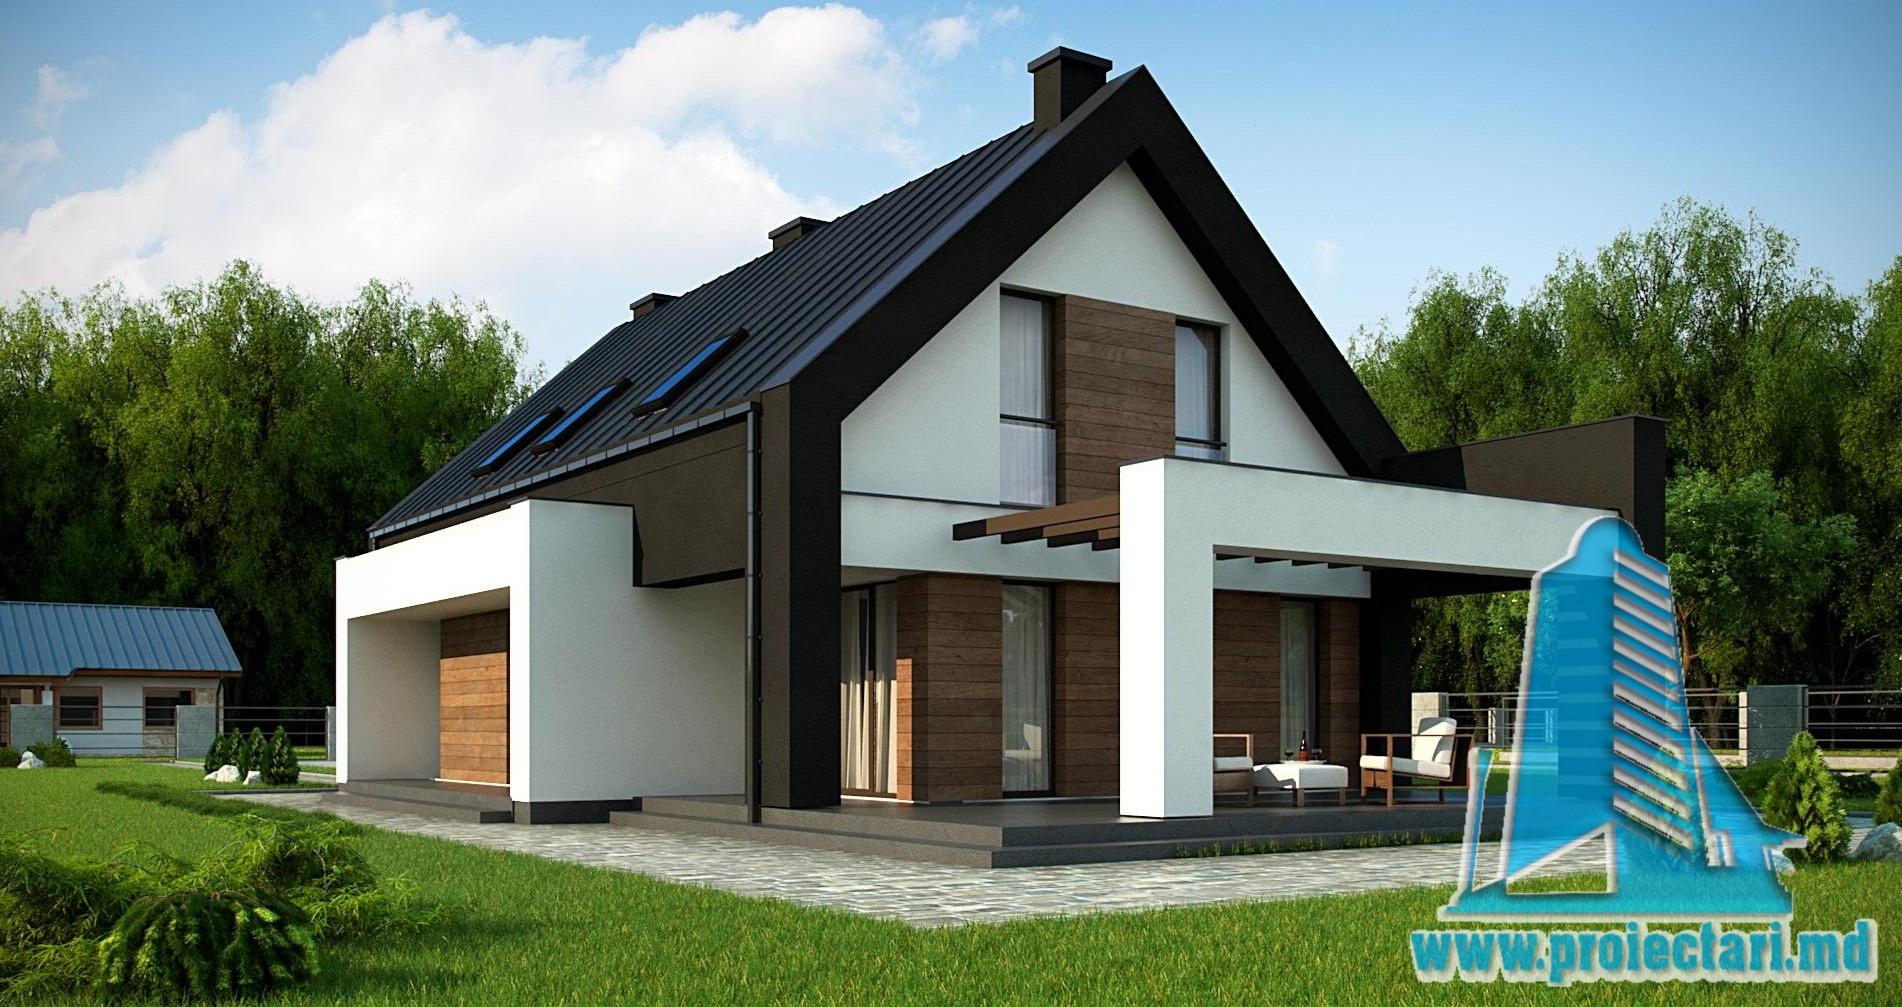 Proiect de casa cu parter si mansarda – 220m2 cu terasa de vara si garaj pentru doua automobile din caramida brickstone- 100985